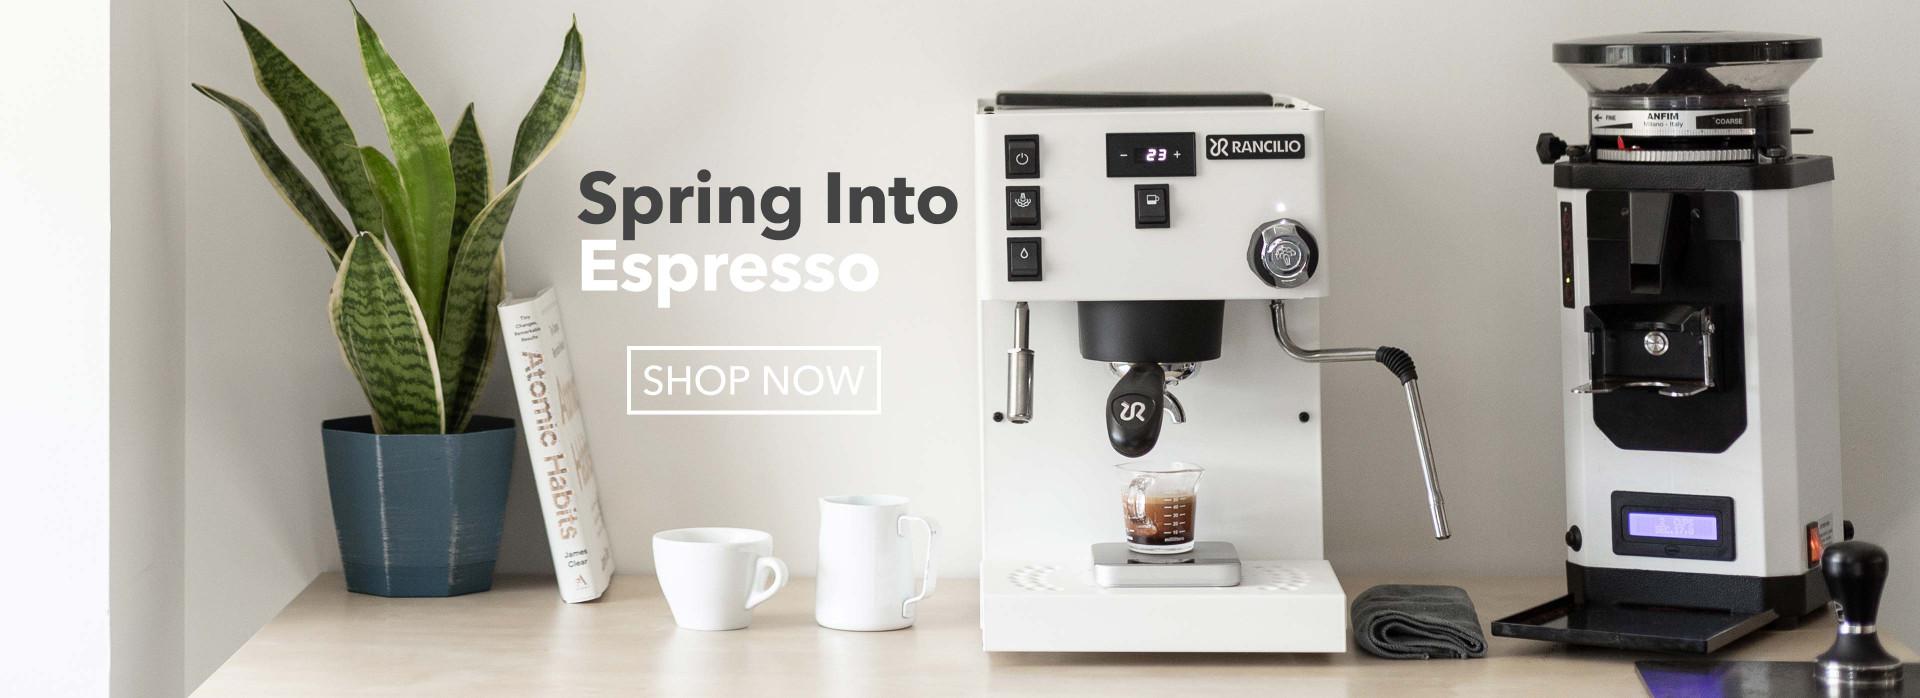 Spring Into Espresso